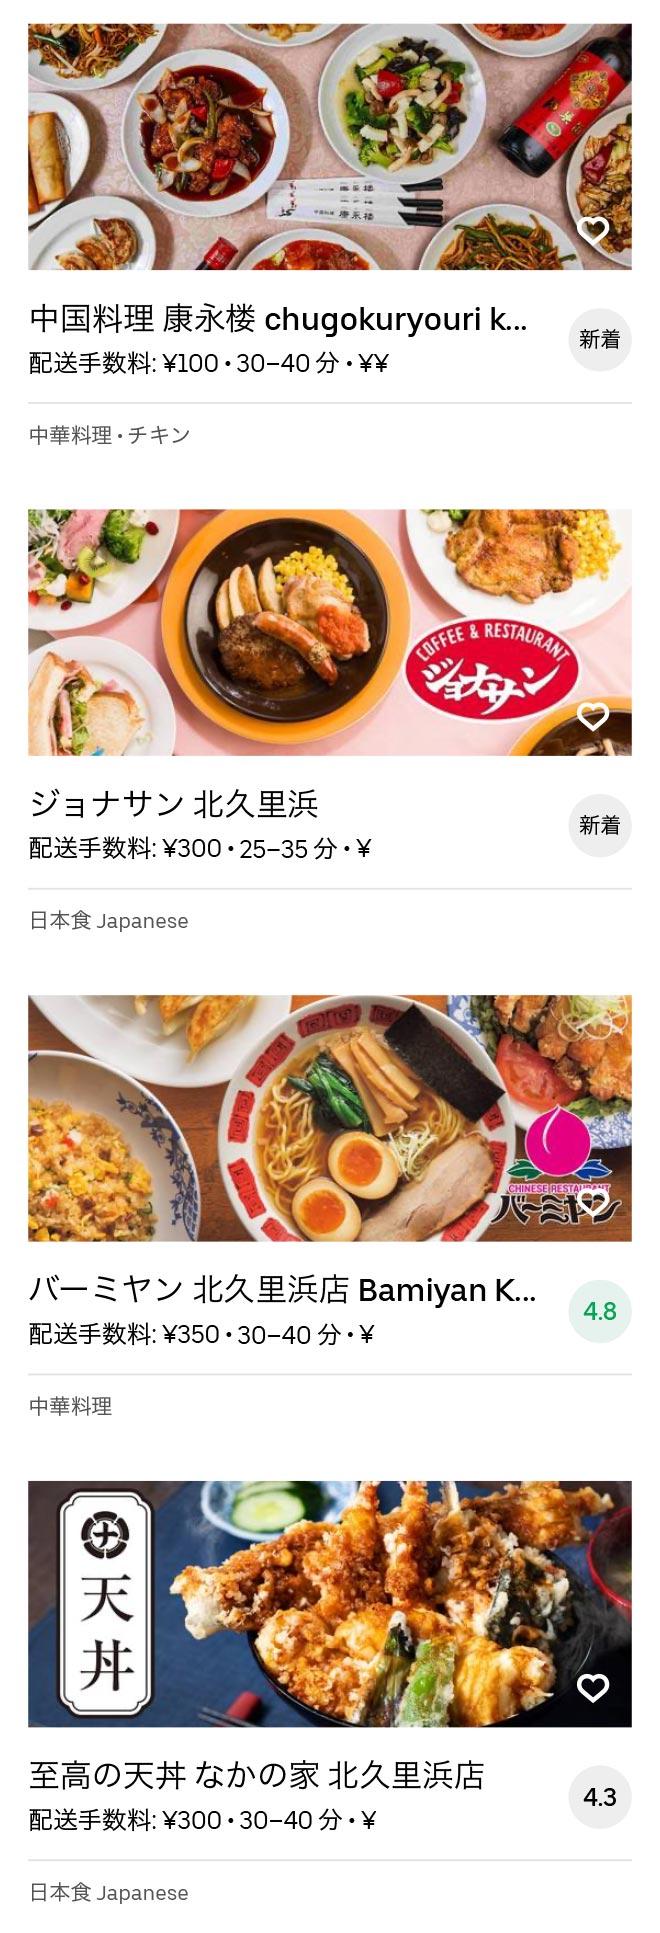 Kurihama menu 2008 03